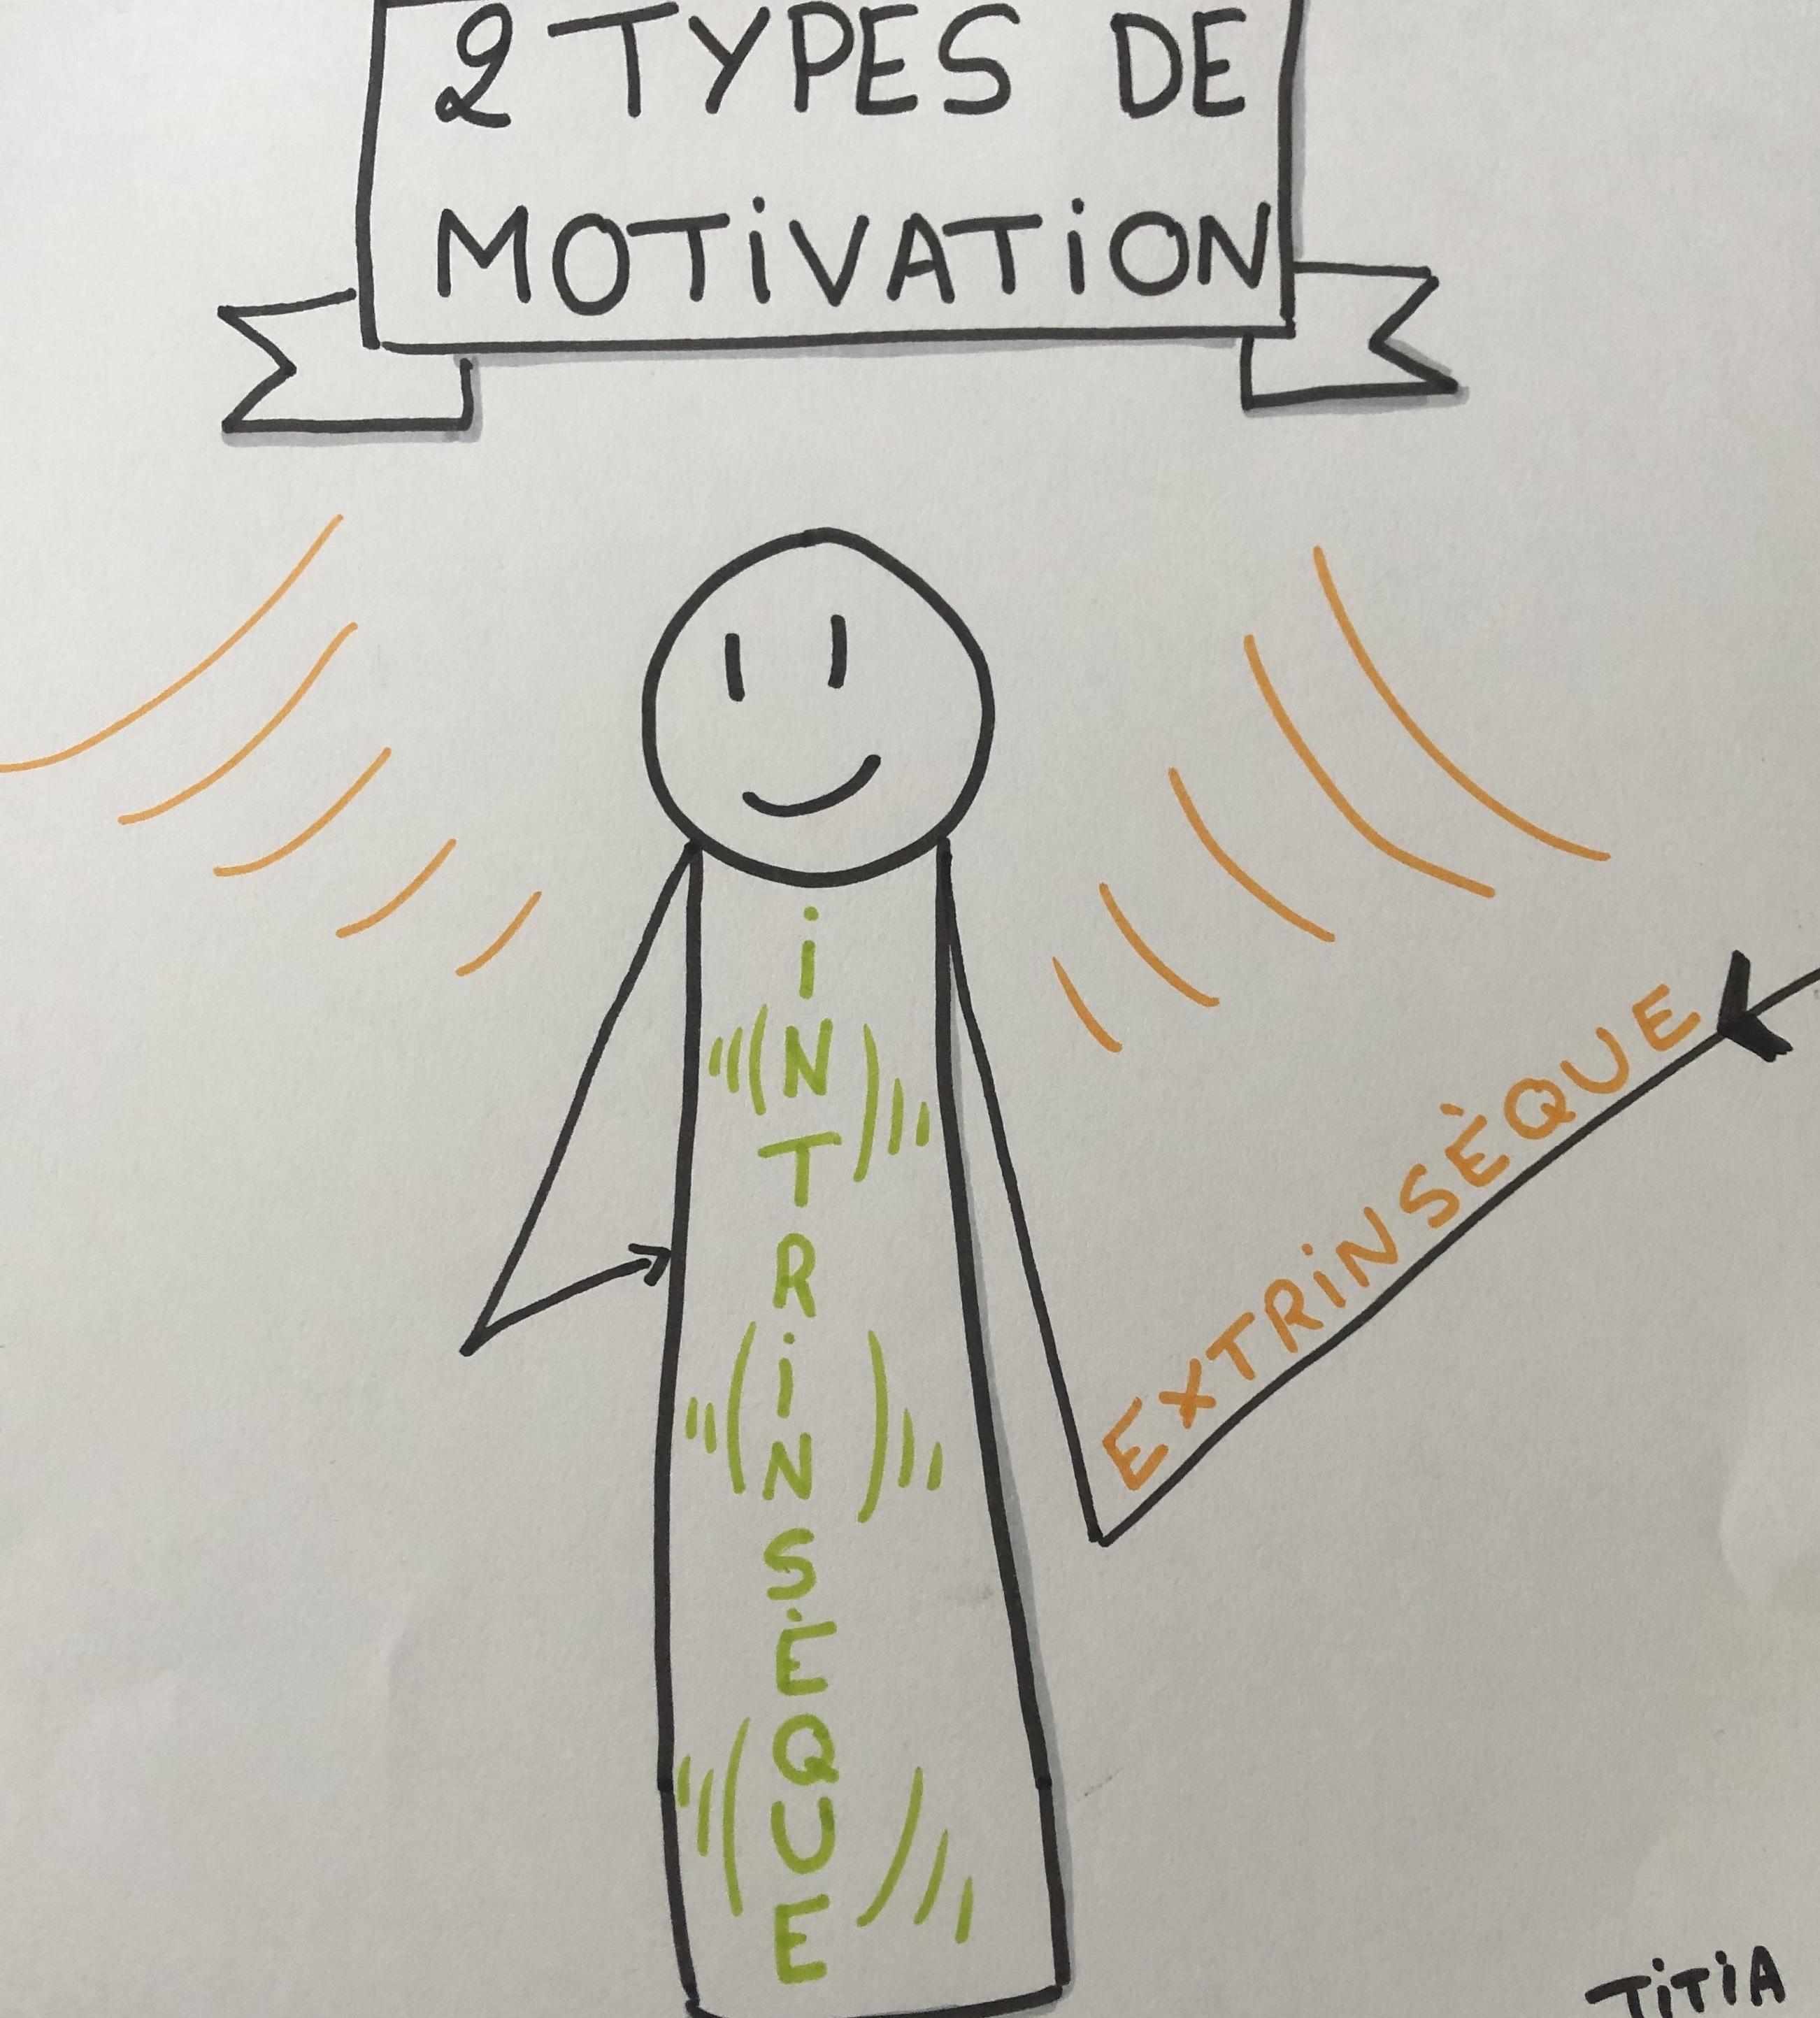 Deux types de motivation